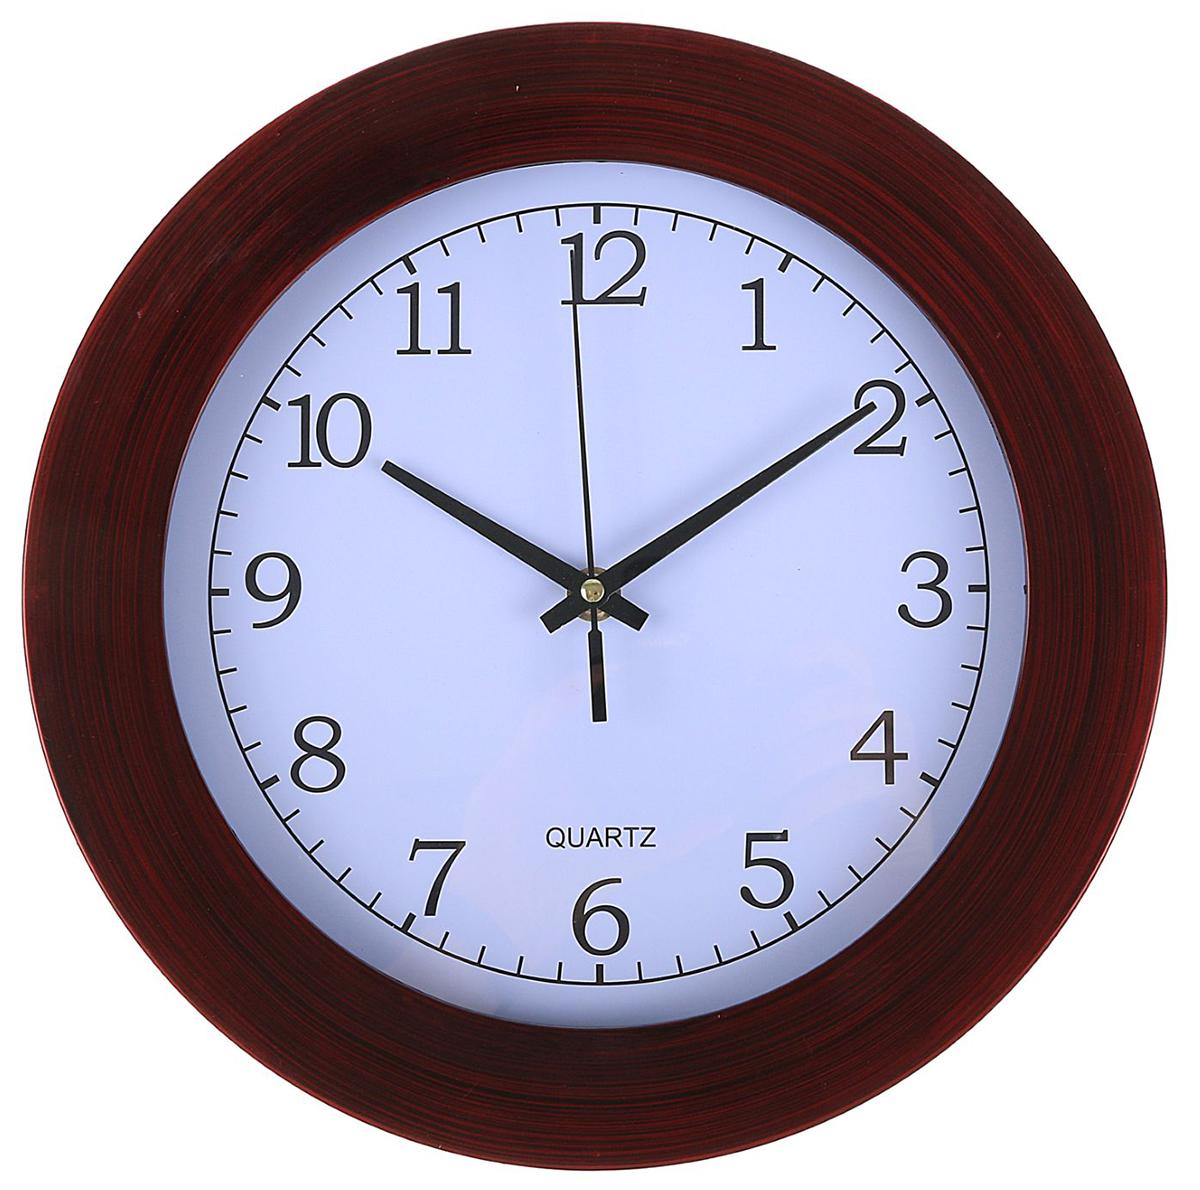 Часы настенные Винил, диаметр 28,5 см хочу продать свою квартиру которая менее 3х лет и другую какие налоги надо заплатить